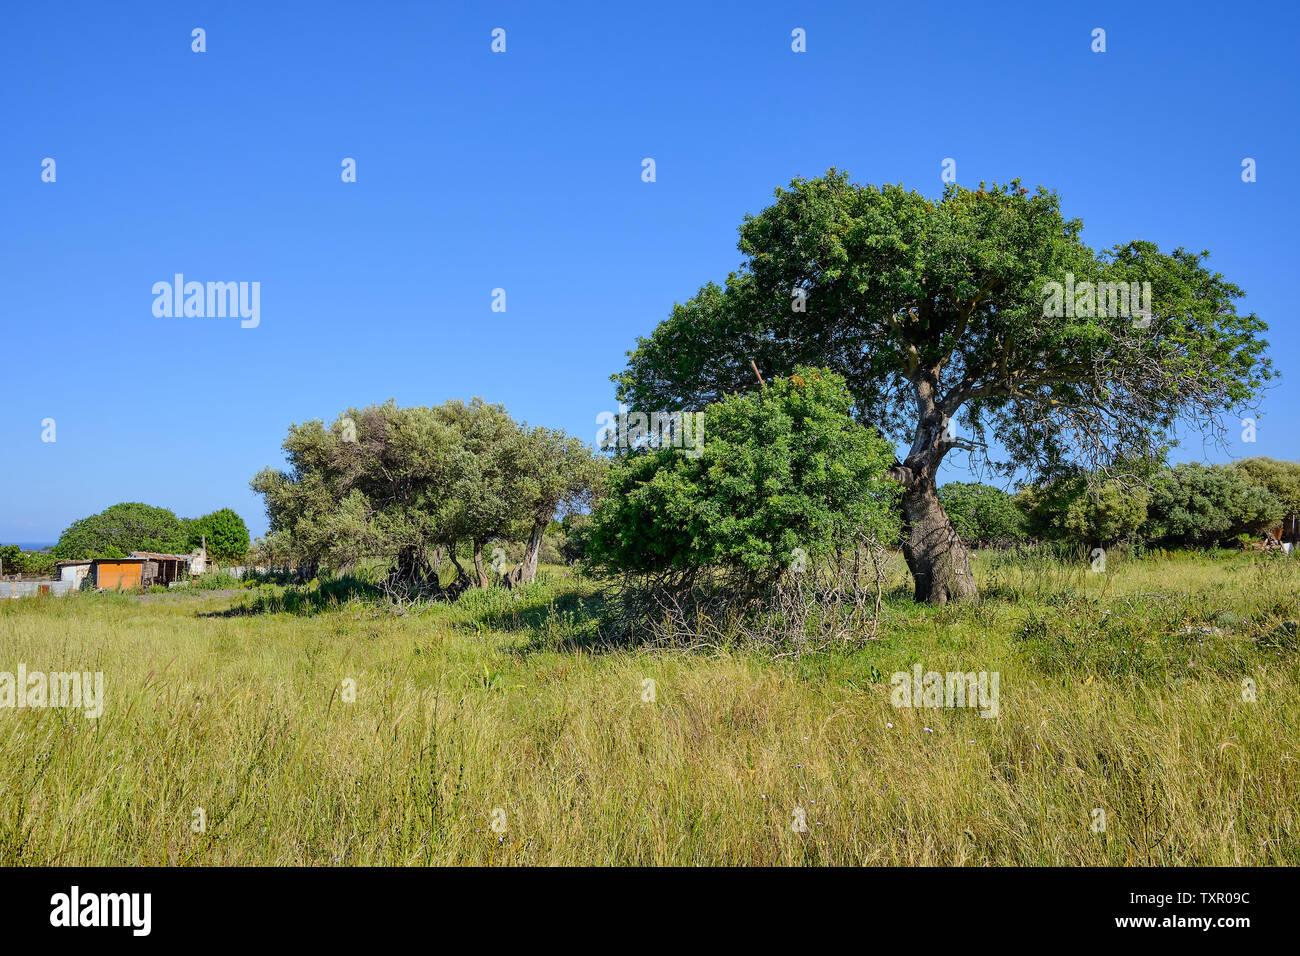 Gran árbol verde en un campo con un cobertizo en el lado izquierdo y un cielo azul sin nubes Imagen De Stock